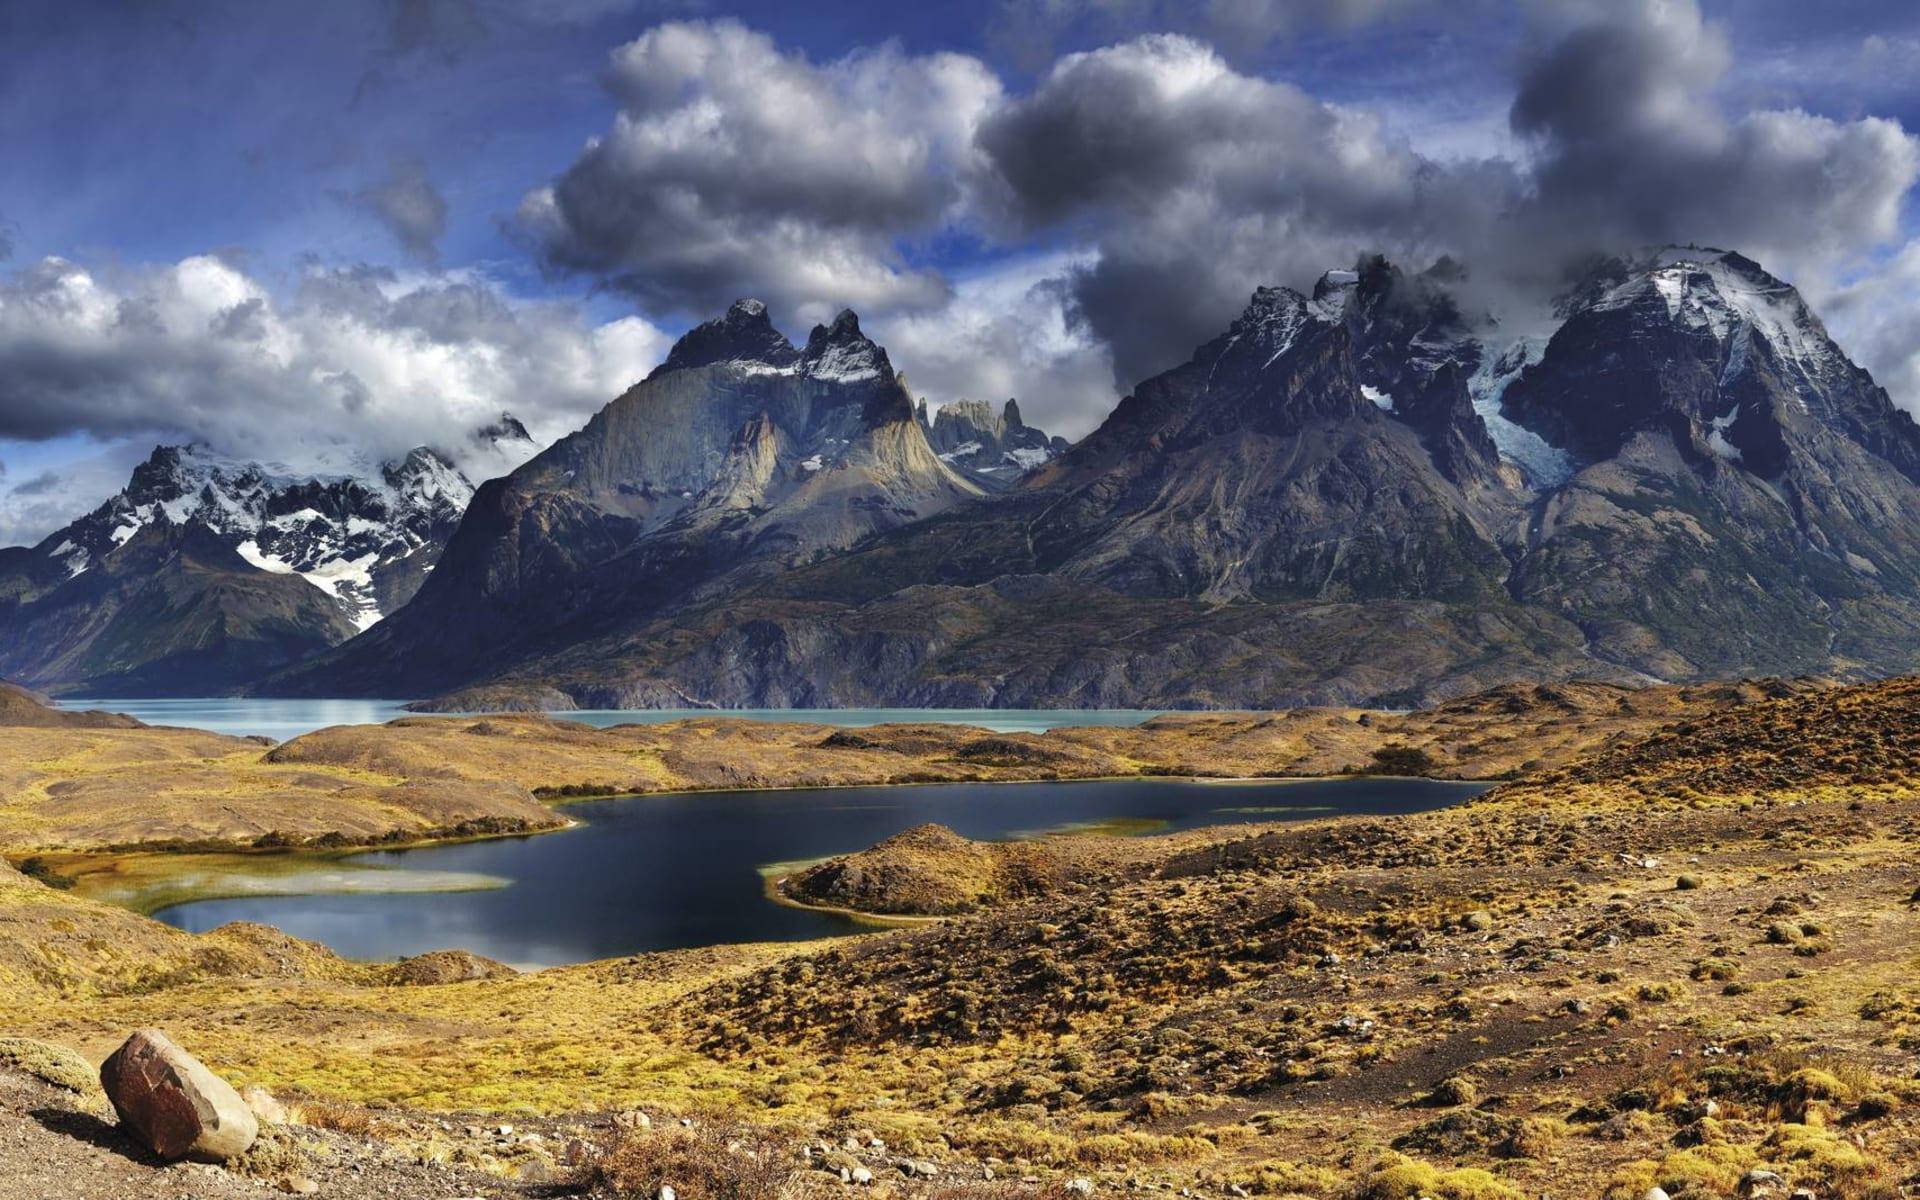 Ruta 40: Trelew - El Calafate mit Torres del Paine: Torres del Paine